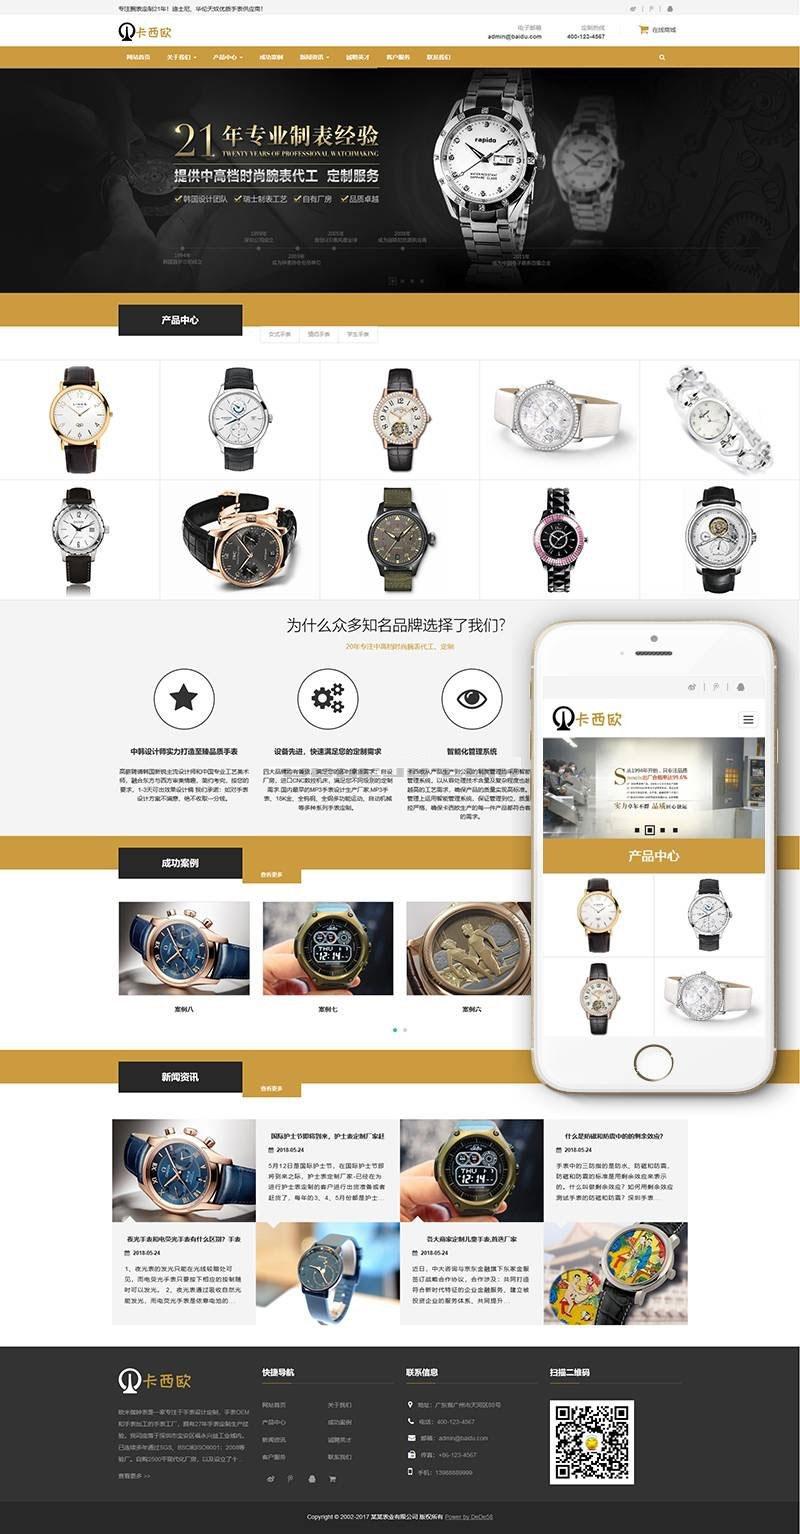 织梦dedecms自响应式腕表手表表业公司网站模板PC+WAP手机端适合SEO优化